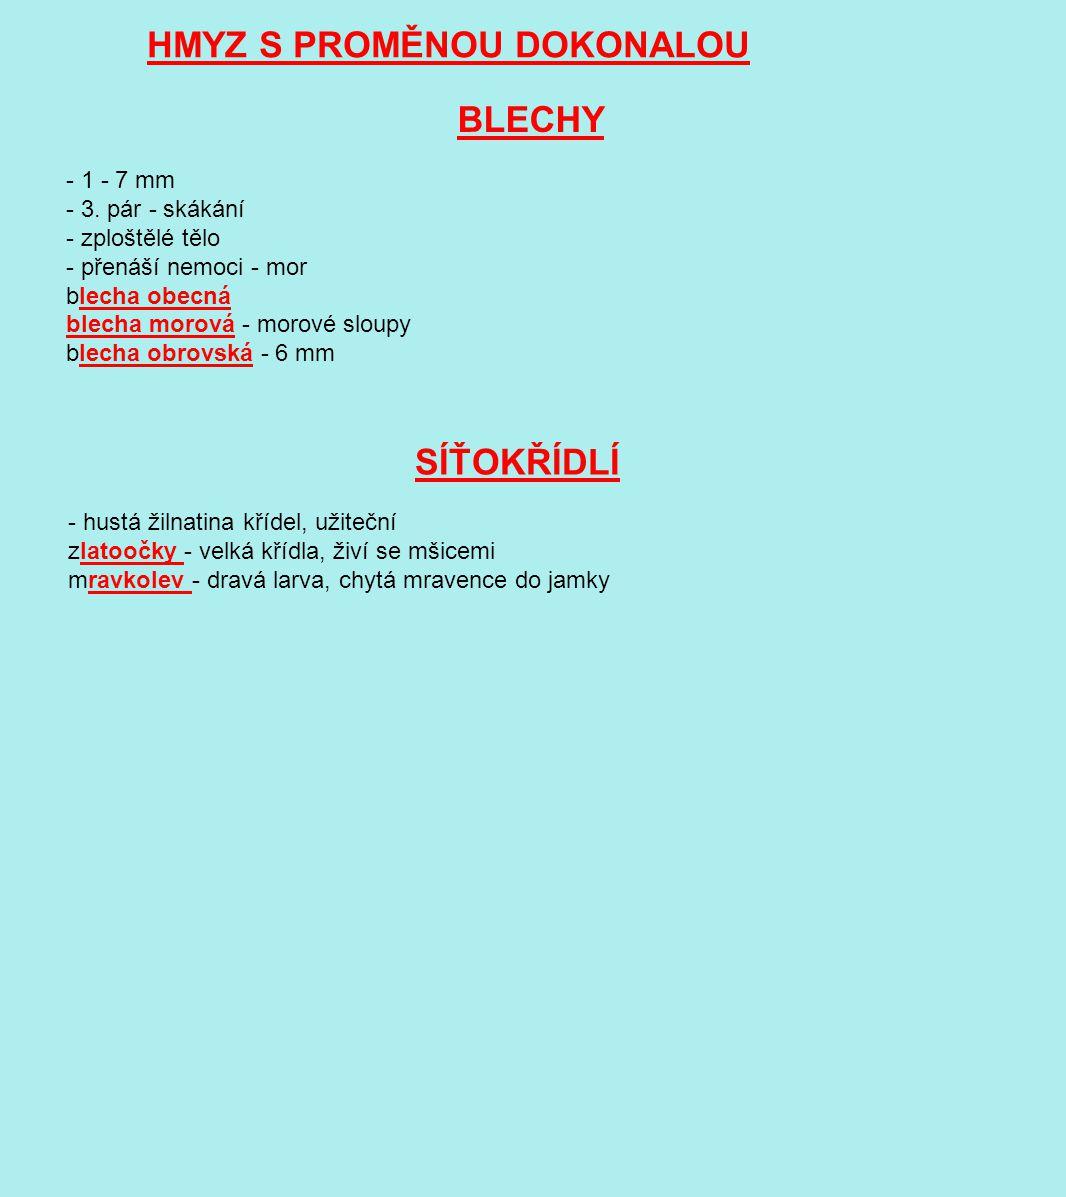 HMYZ S PROMĚNOU DOKONALOU BLECHY - 1 - 7 mm - 3. pár - skákání - zploštělé tělo - přenáší nemoci - mor blecha obecná blecha morová - morové sloupy ble